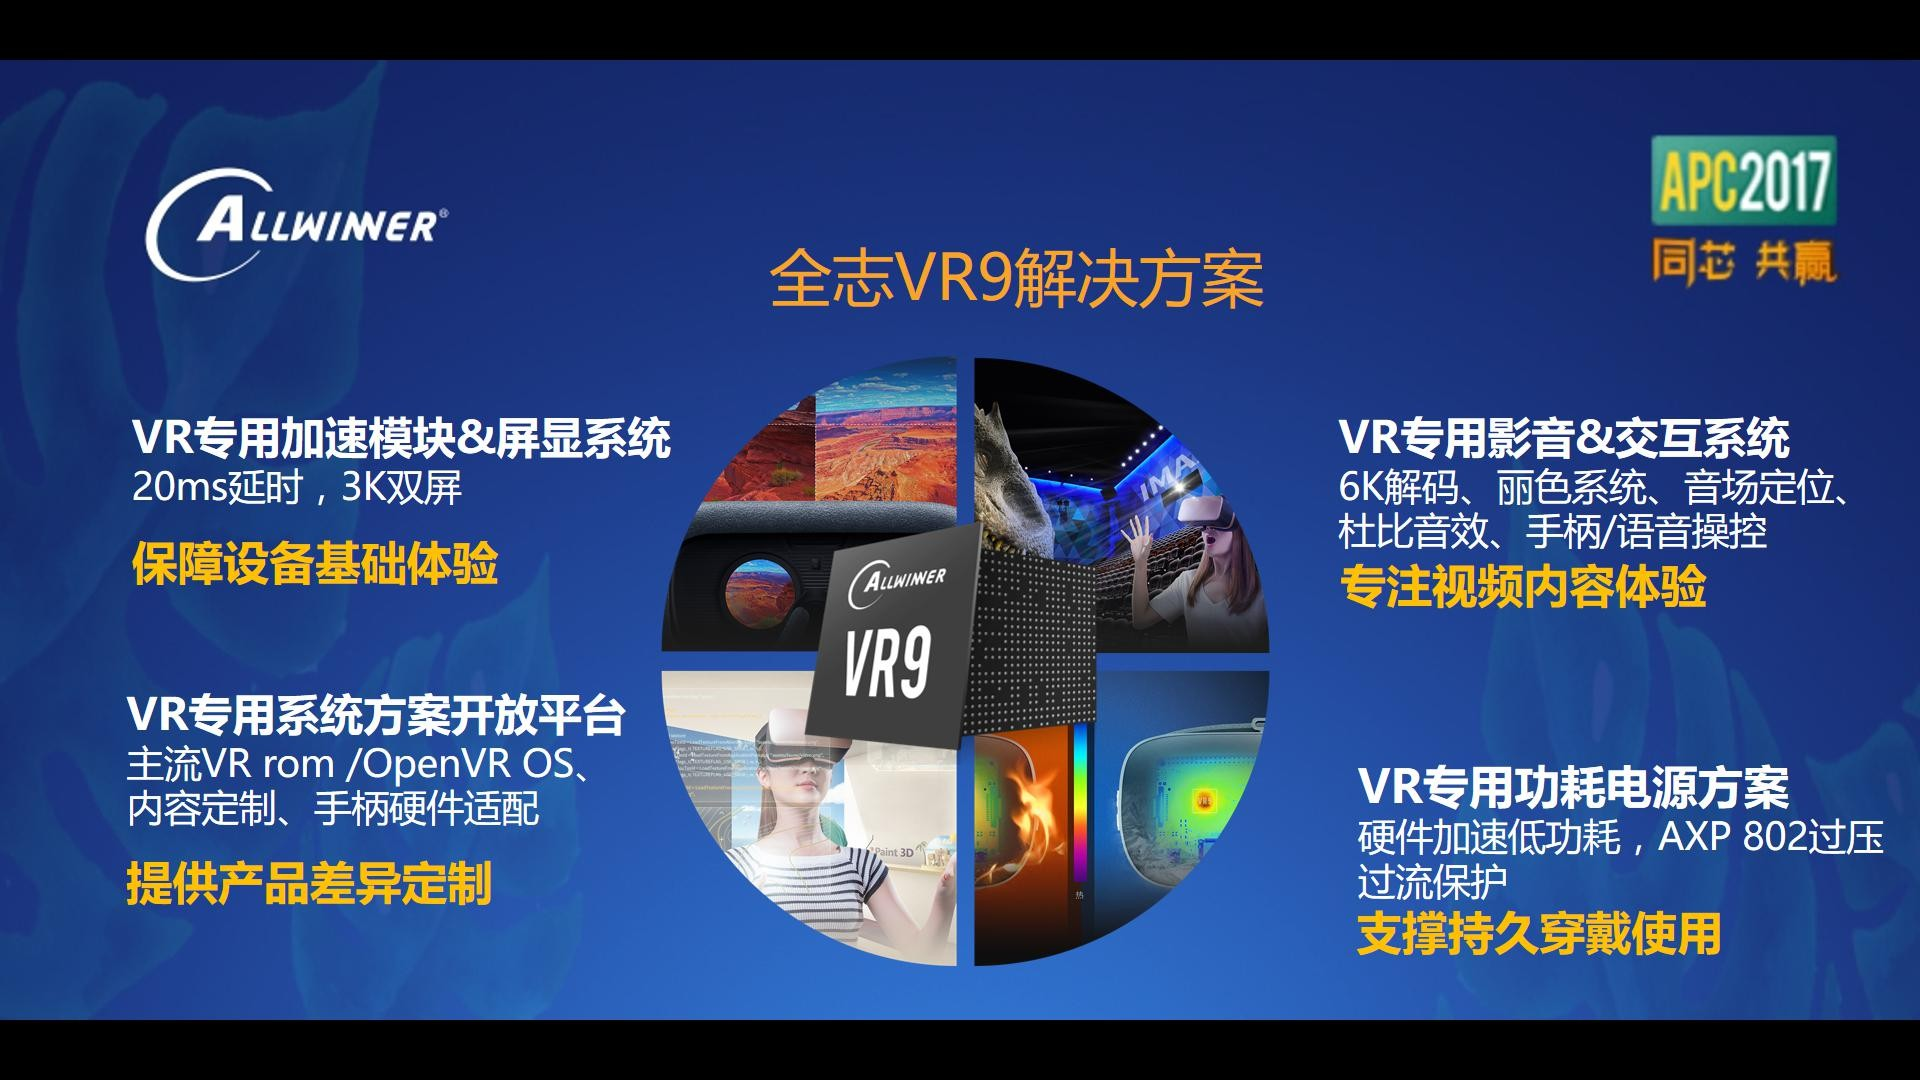 """新一代VR9虚拟现实专用芯片全球首发 全志带你领略""""眼见为虚""""的美妙"""